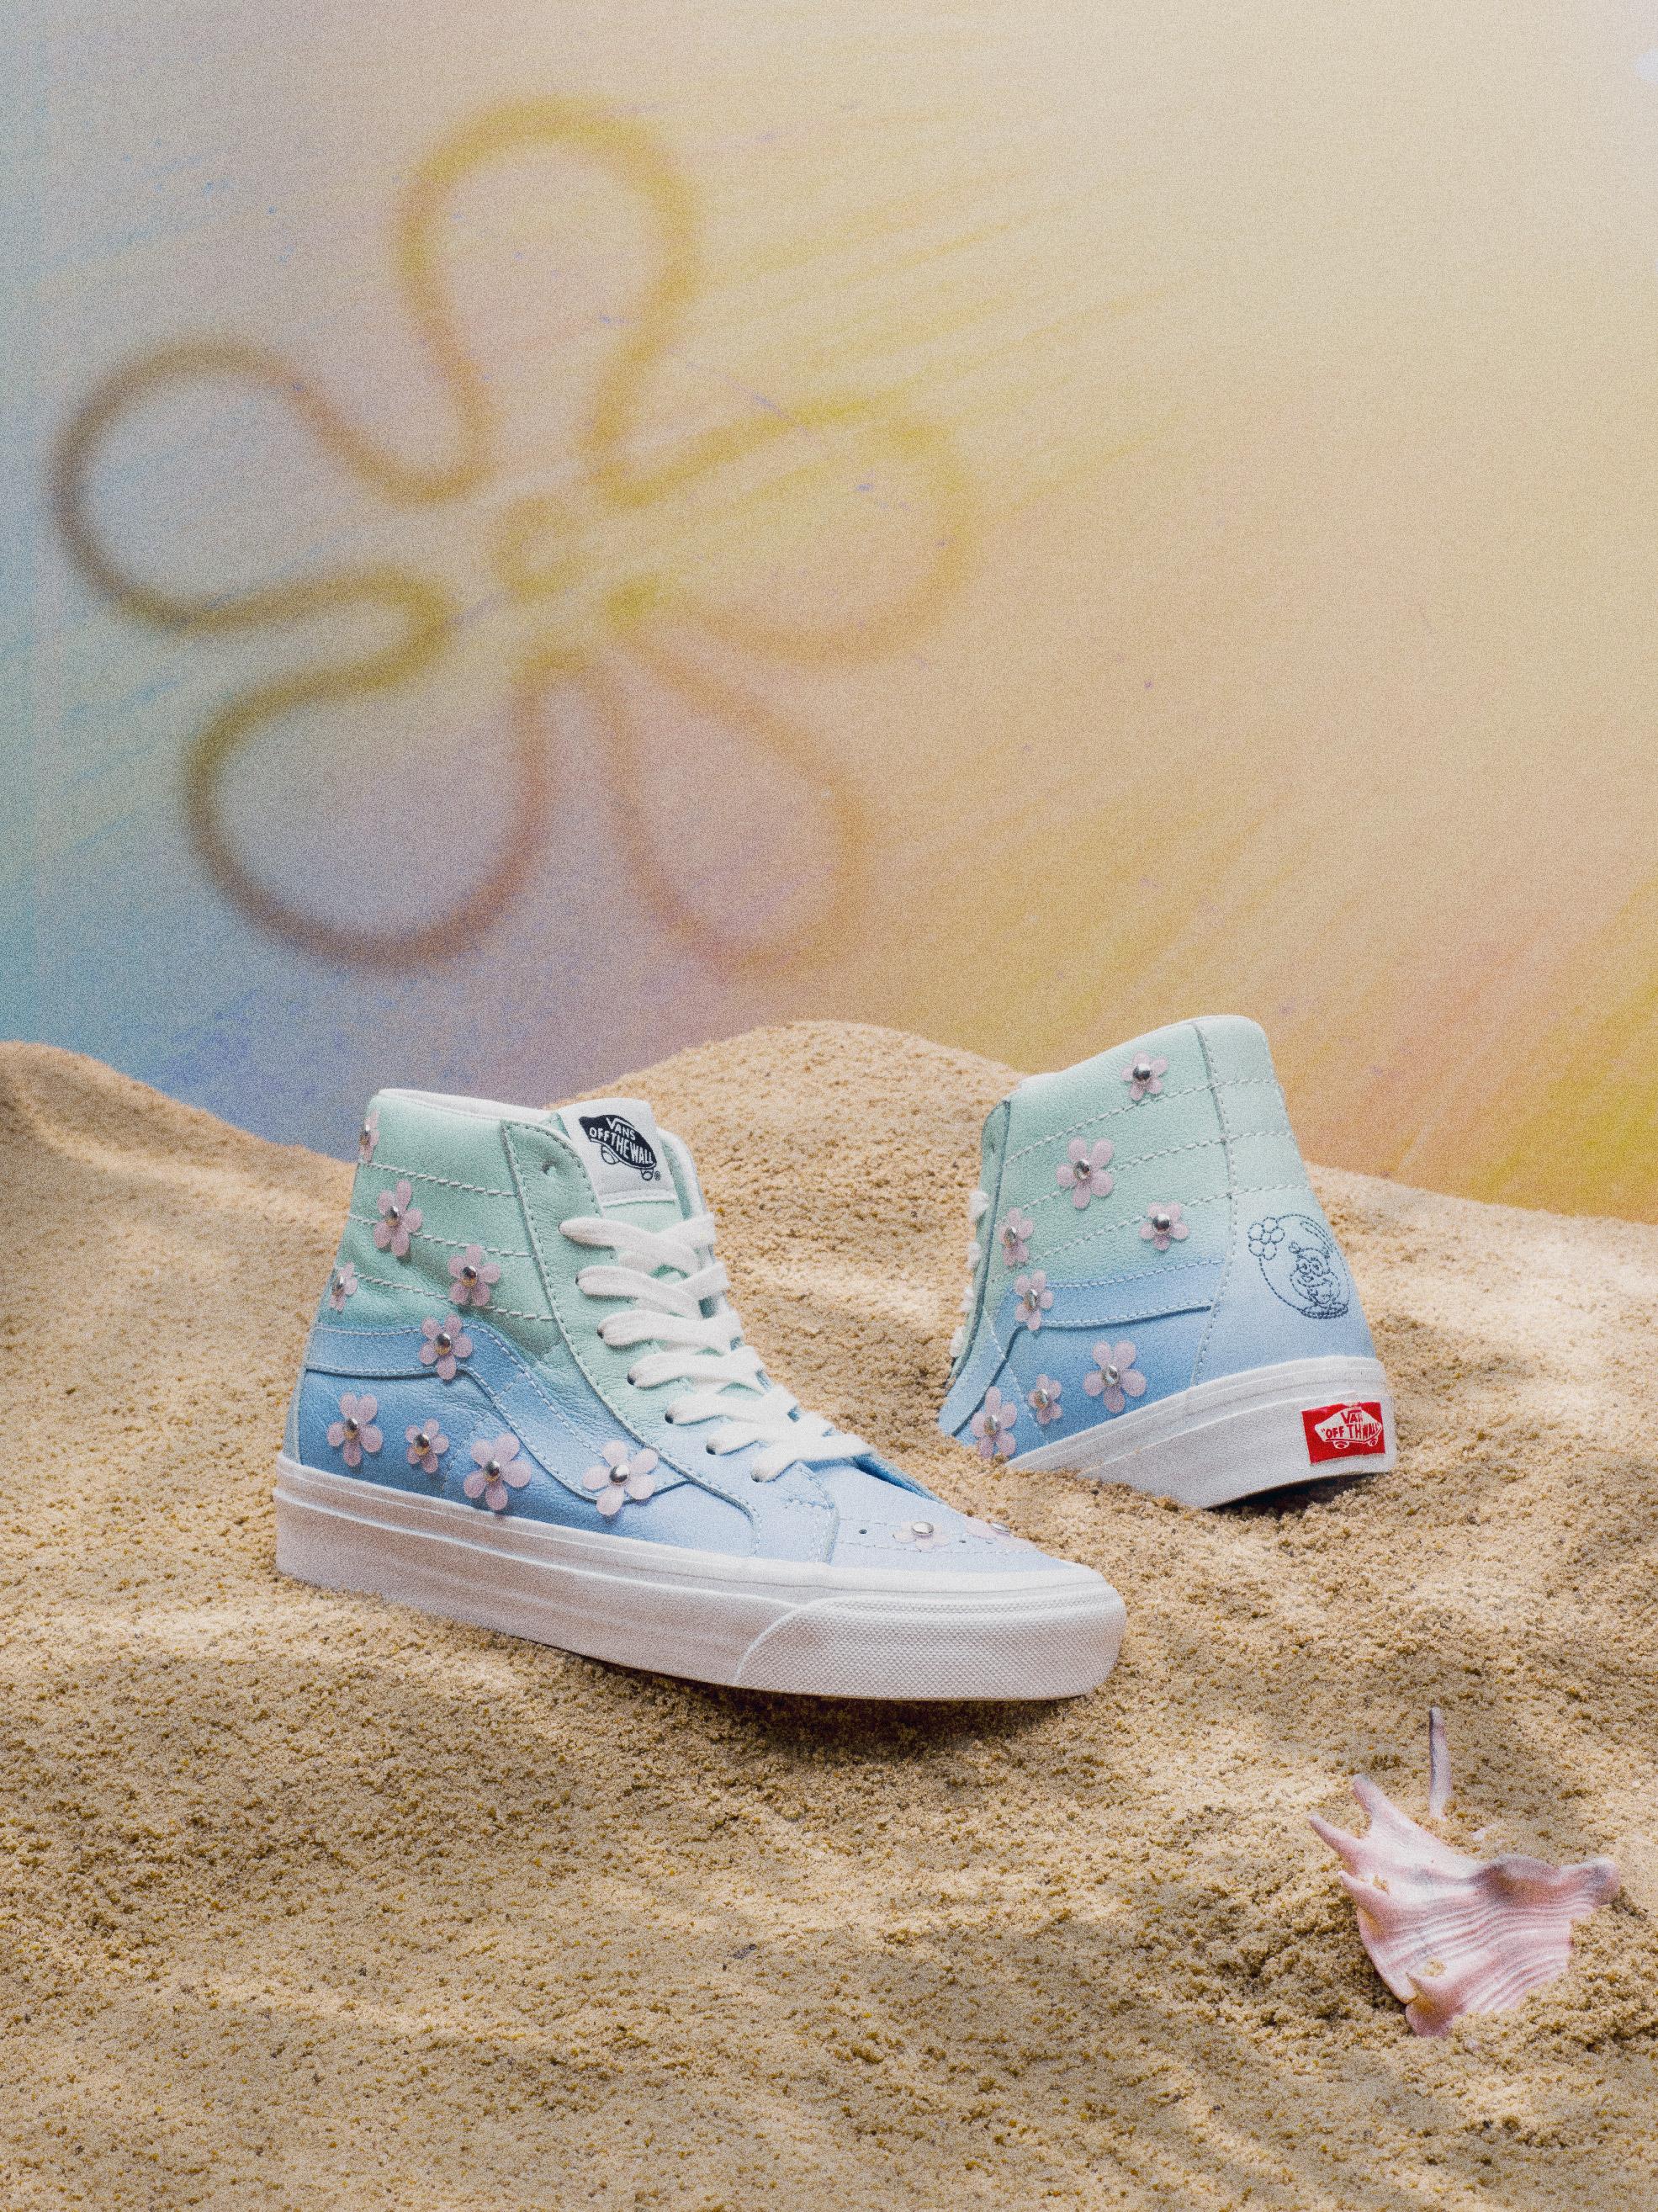 Chaussures Sandy Liang for Vans x Spongebob Sk8-Hi 38 DX, 120€.